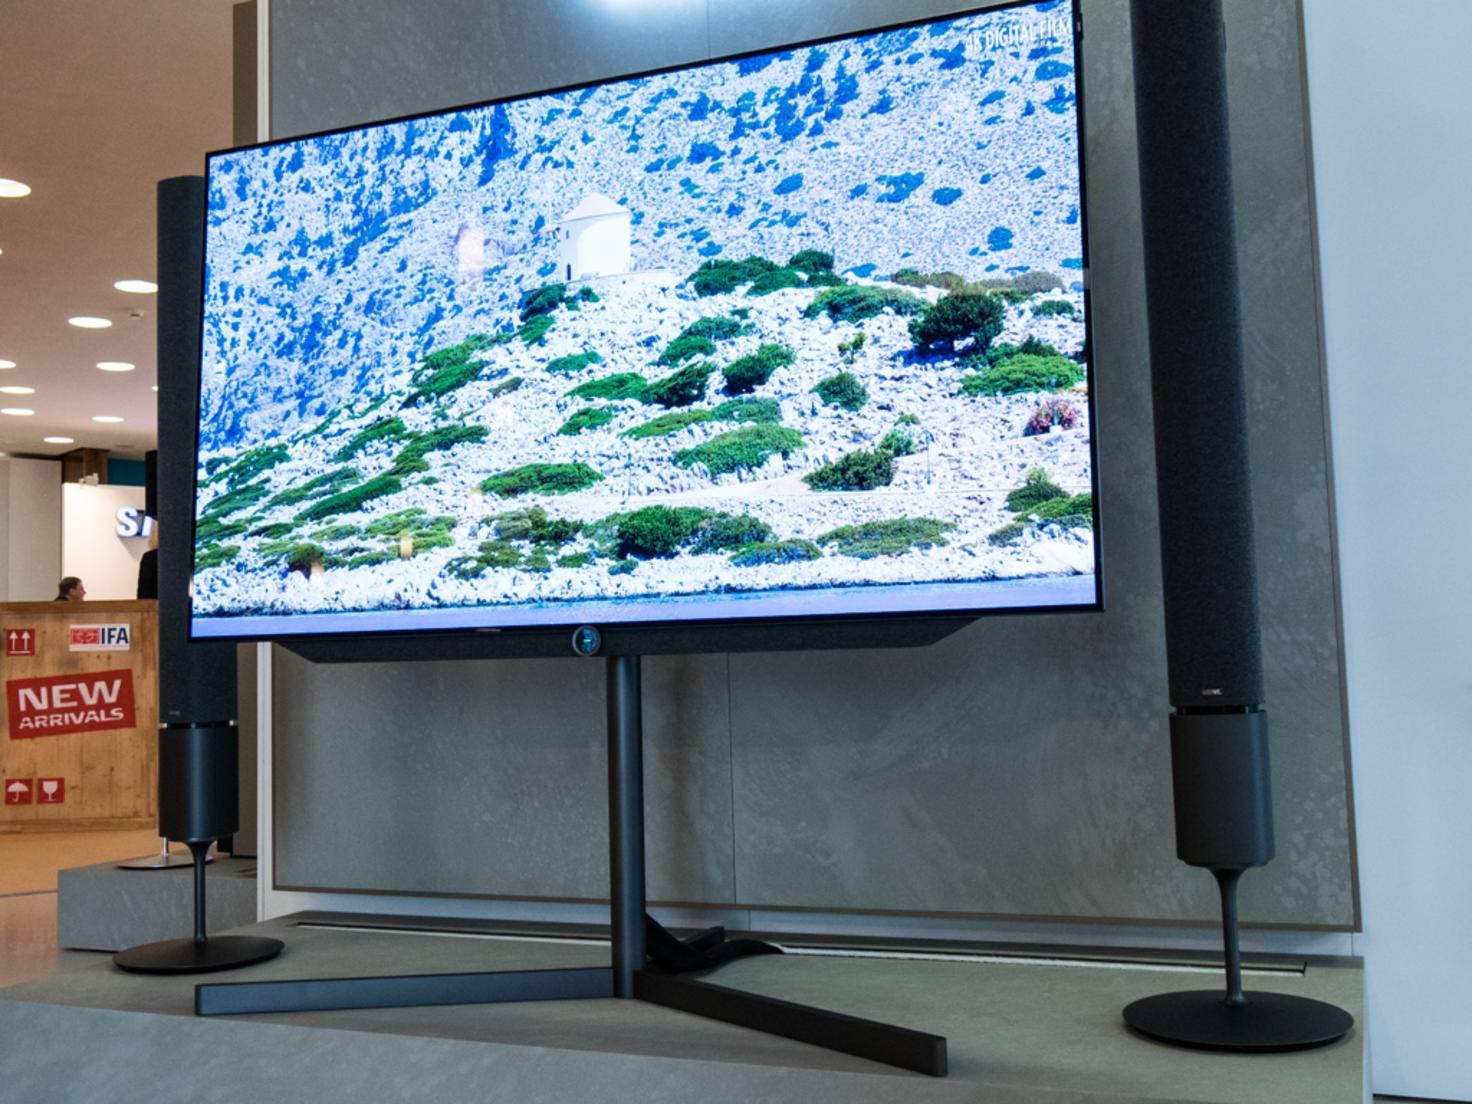 Der Premium-Fernseher kommt mit OLED-Display daher.